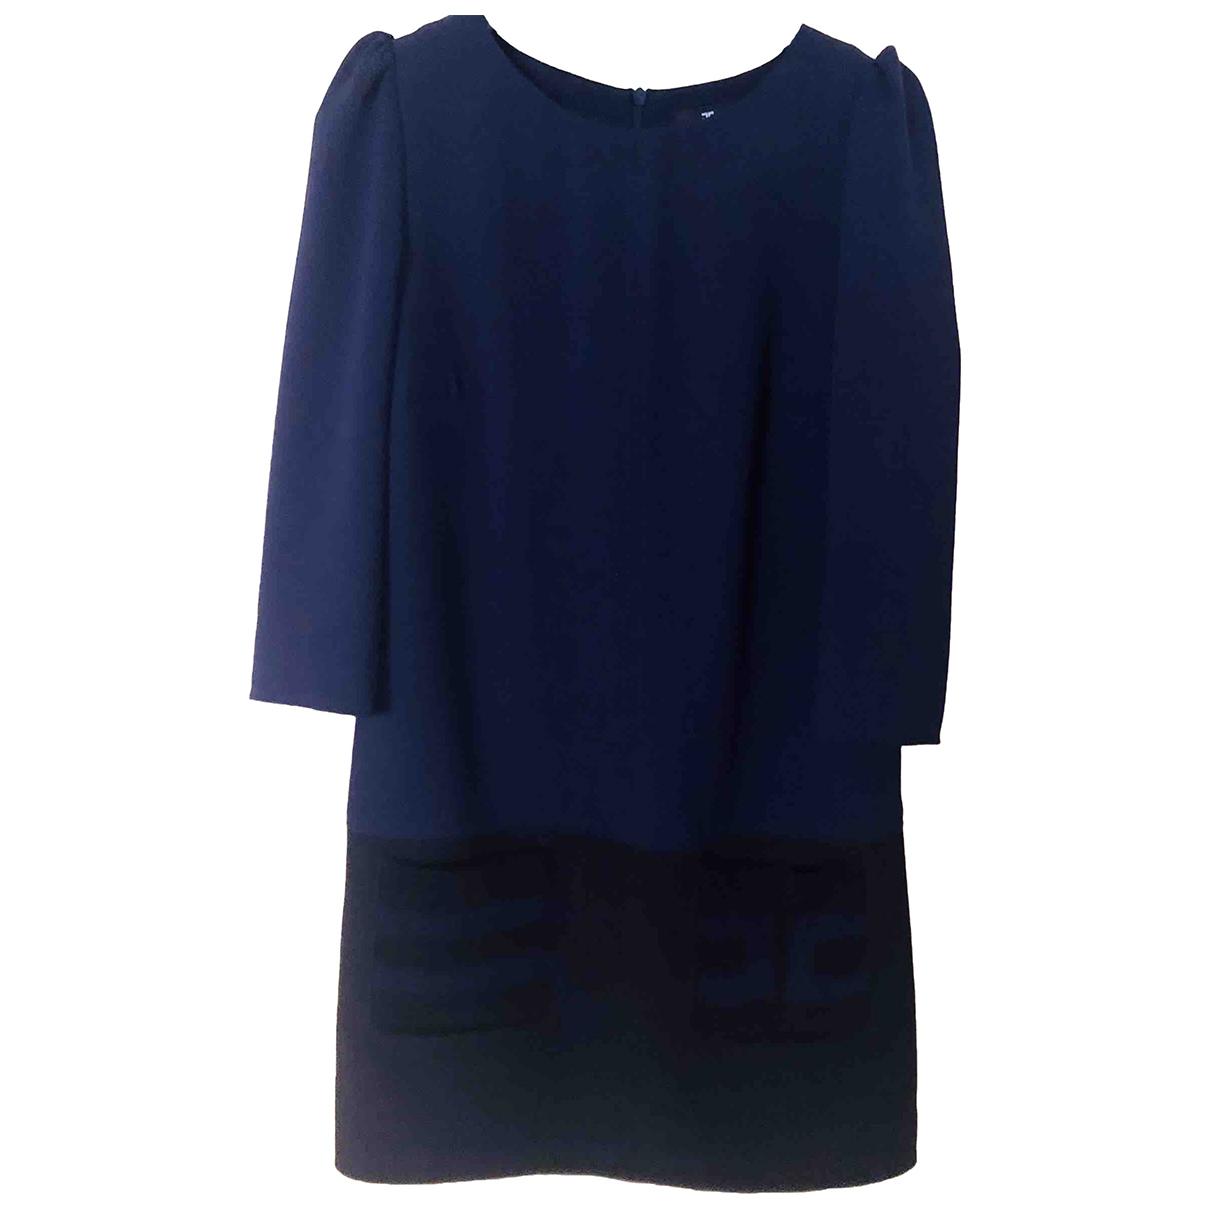 Elisabetta Franchi \N Kleid in  Blau Synthetik